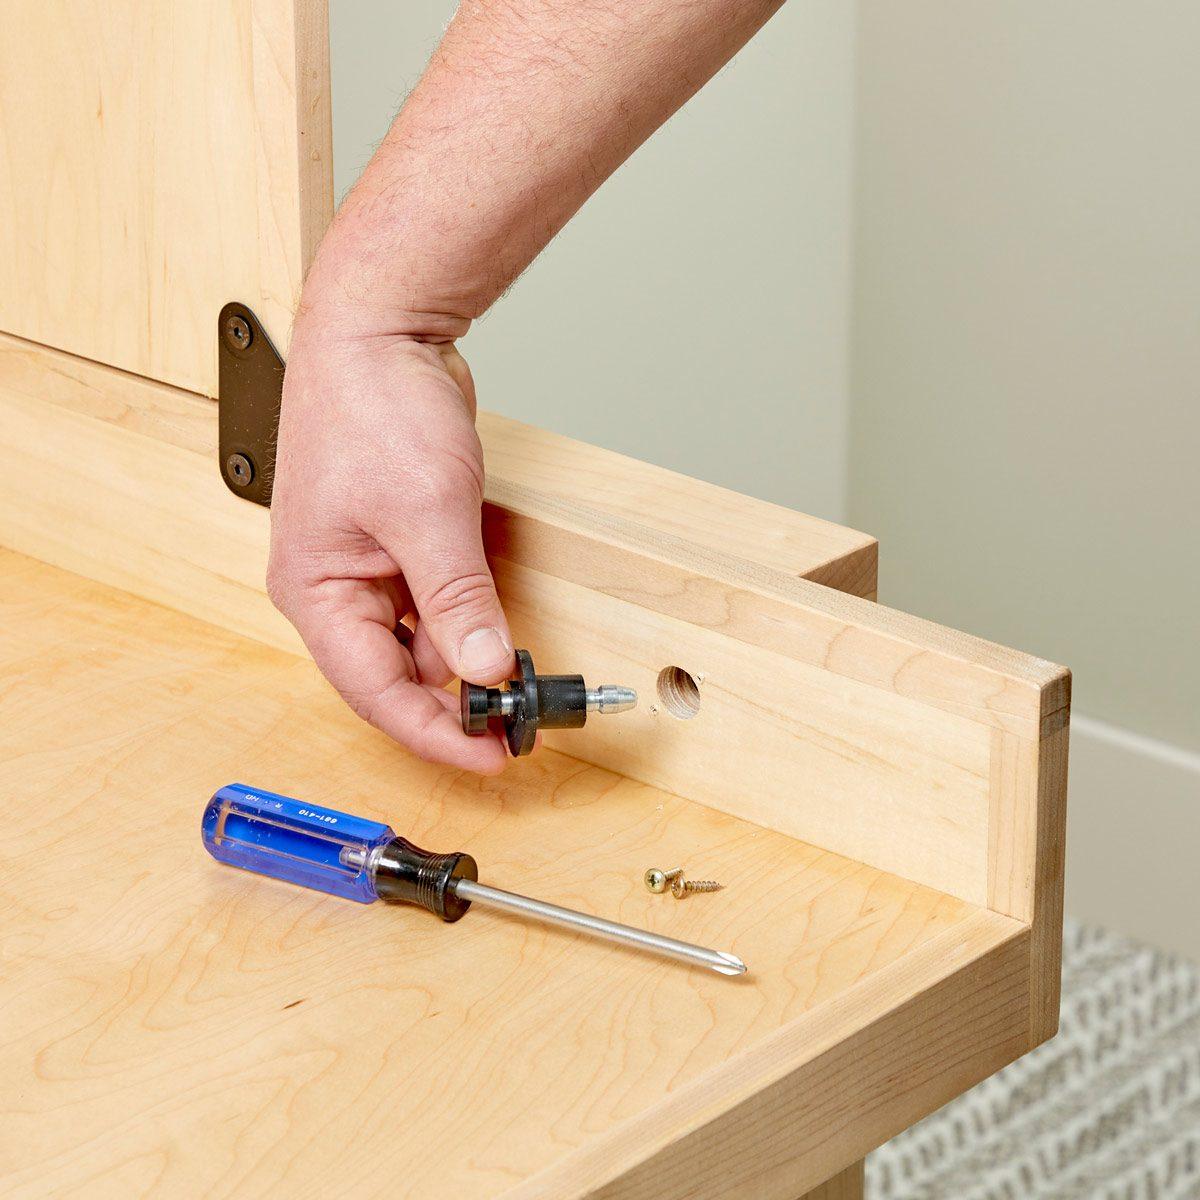 install locking pins